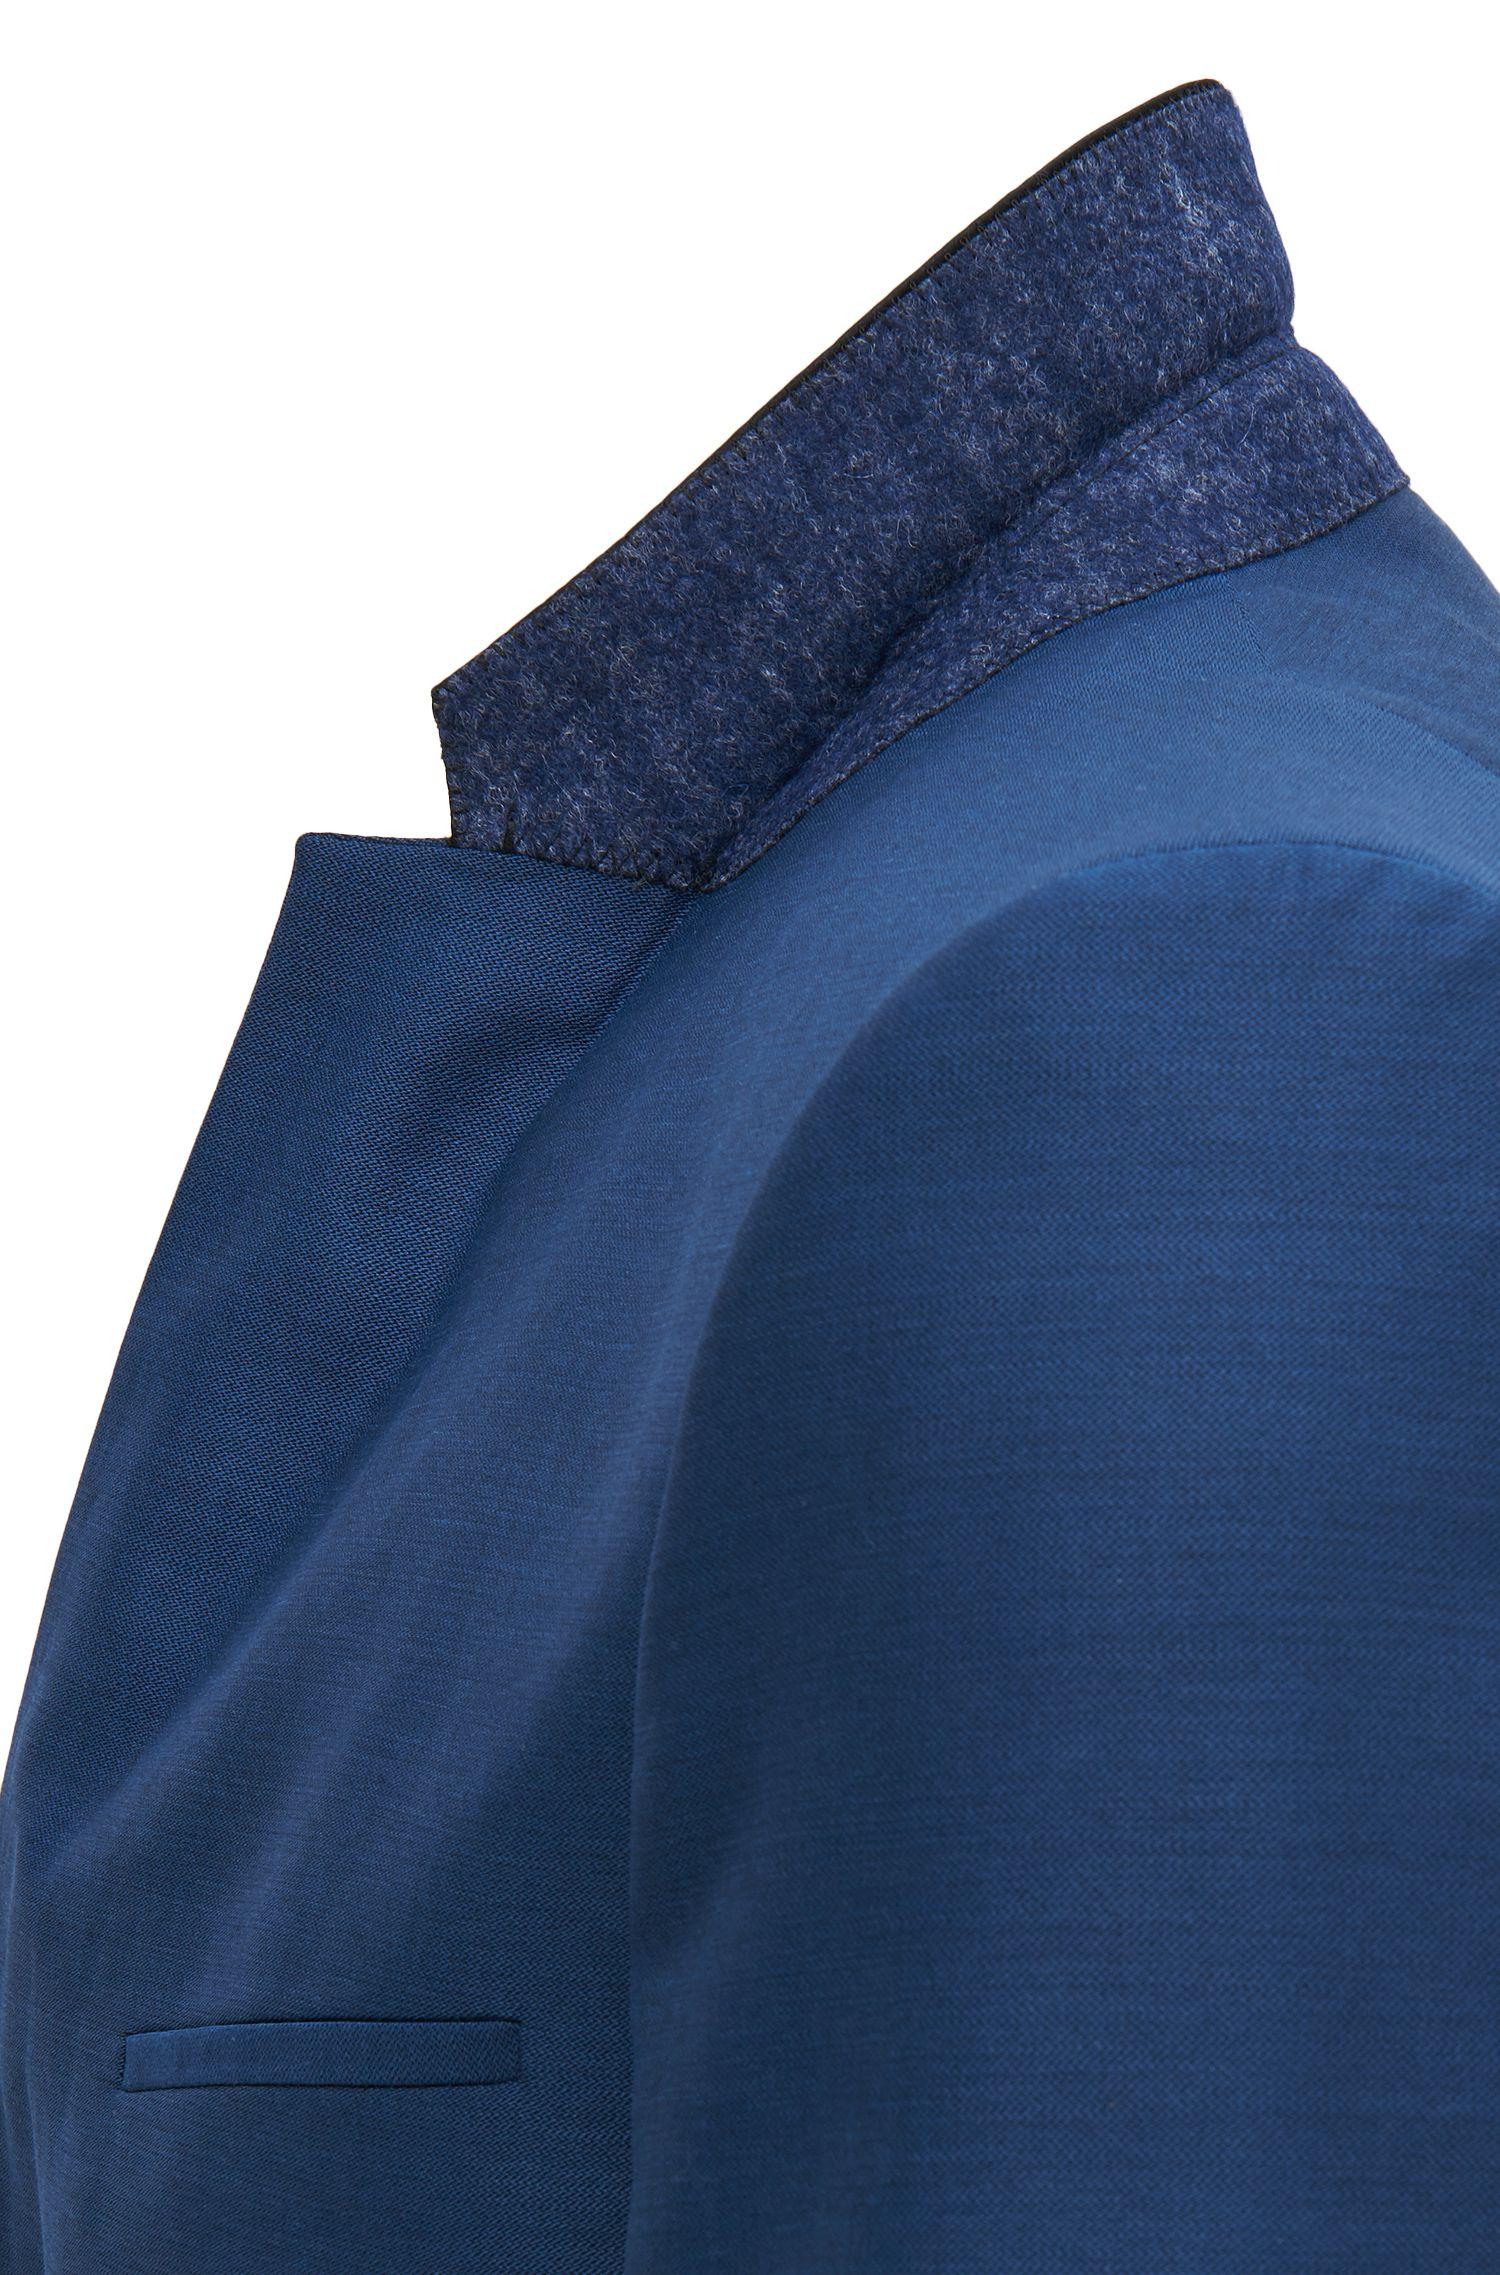 Virgin Wool Suit, Slim Fit | Anly/Hetin, Open Blue